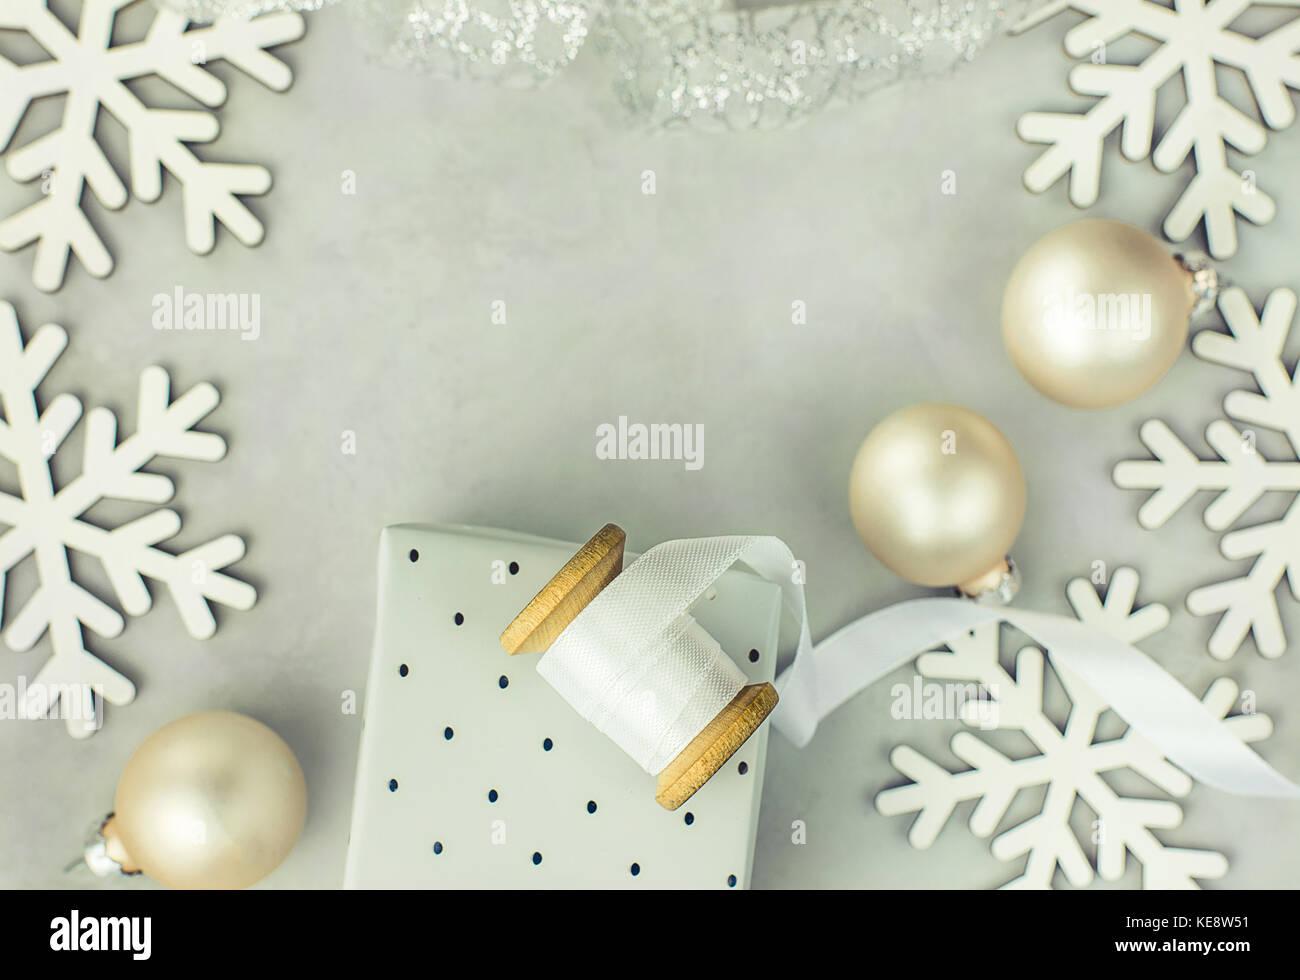 Boîtes cadeaux enveloppés dans du papier d'argent. sol en bois tiroir avec ruban de soie froissé Photo Stock